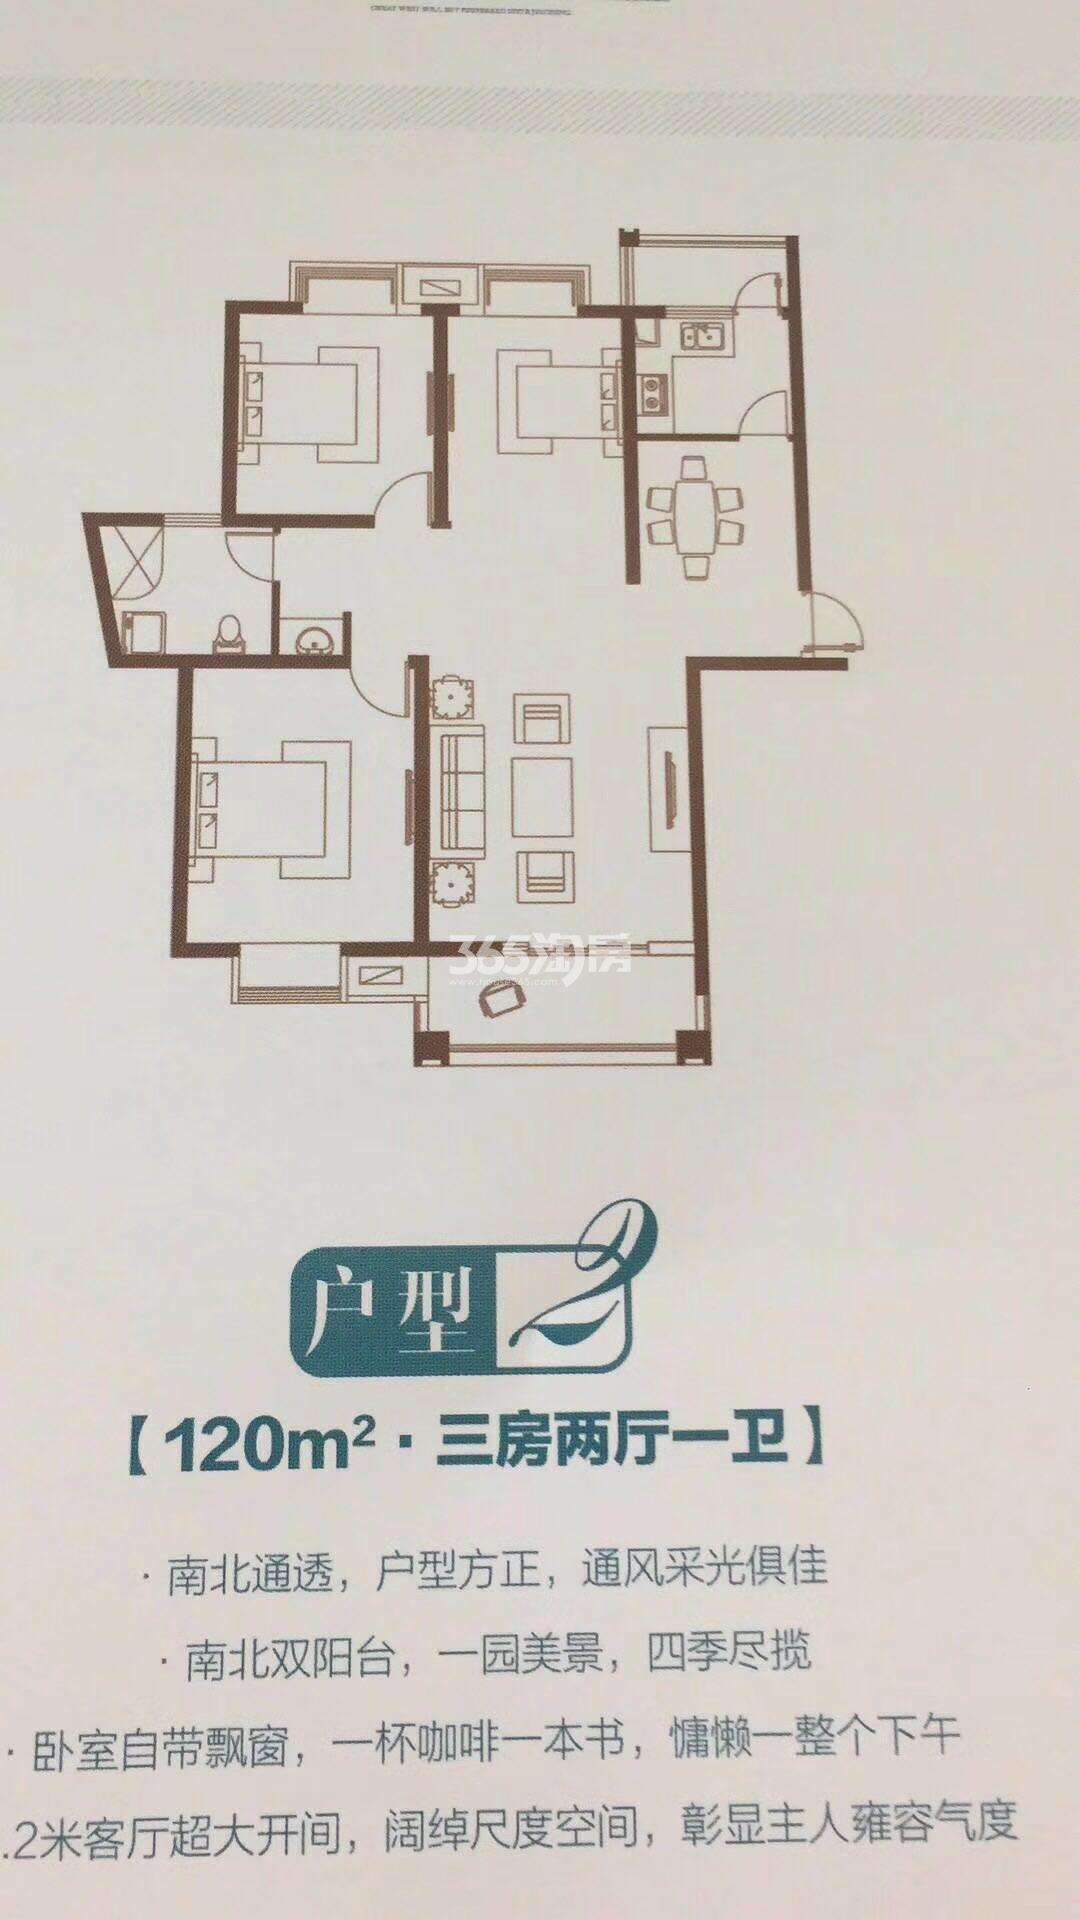 北江锦城120㎡户型图